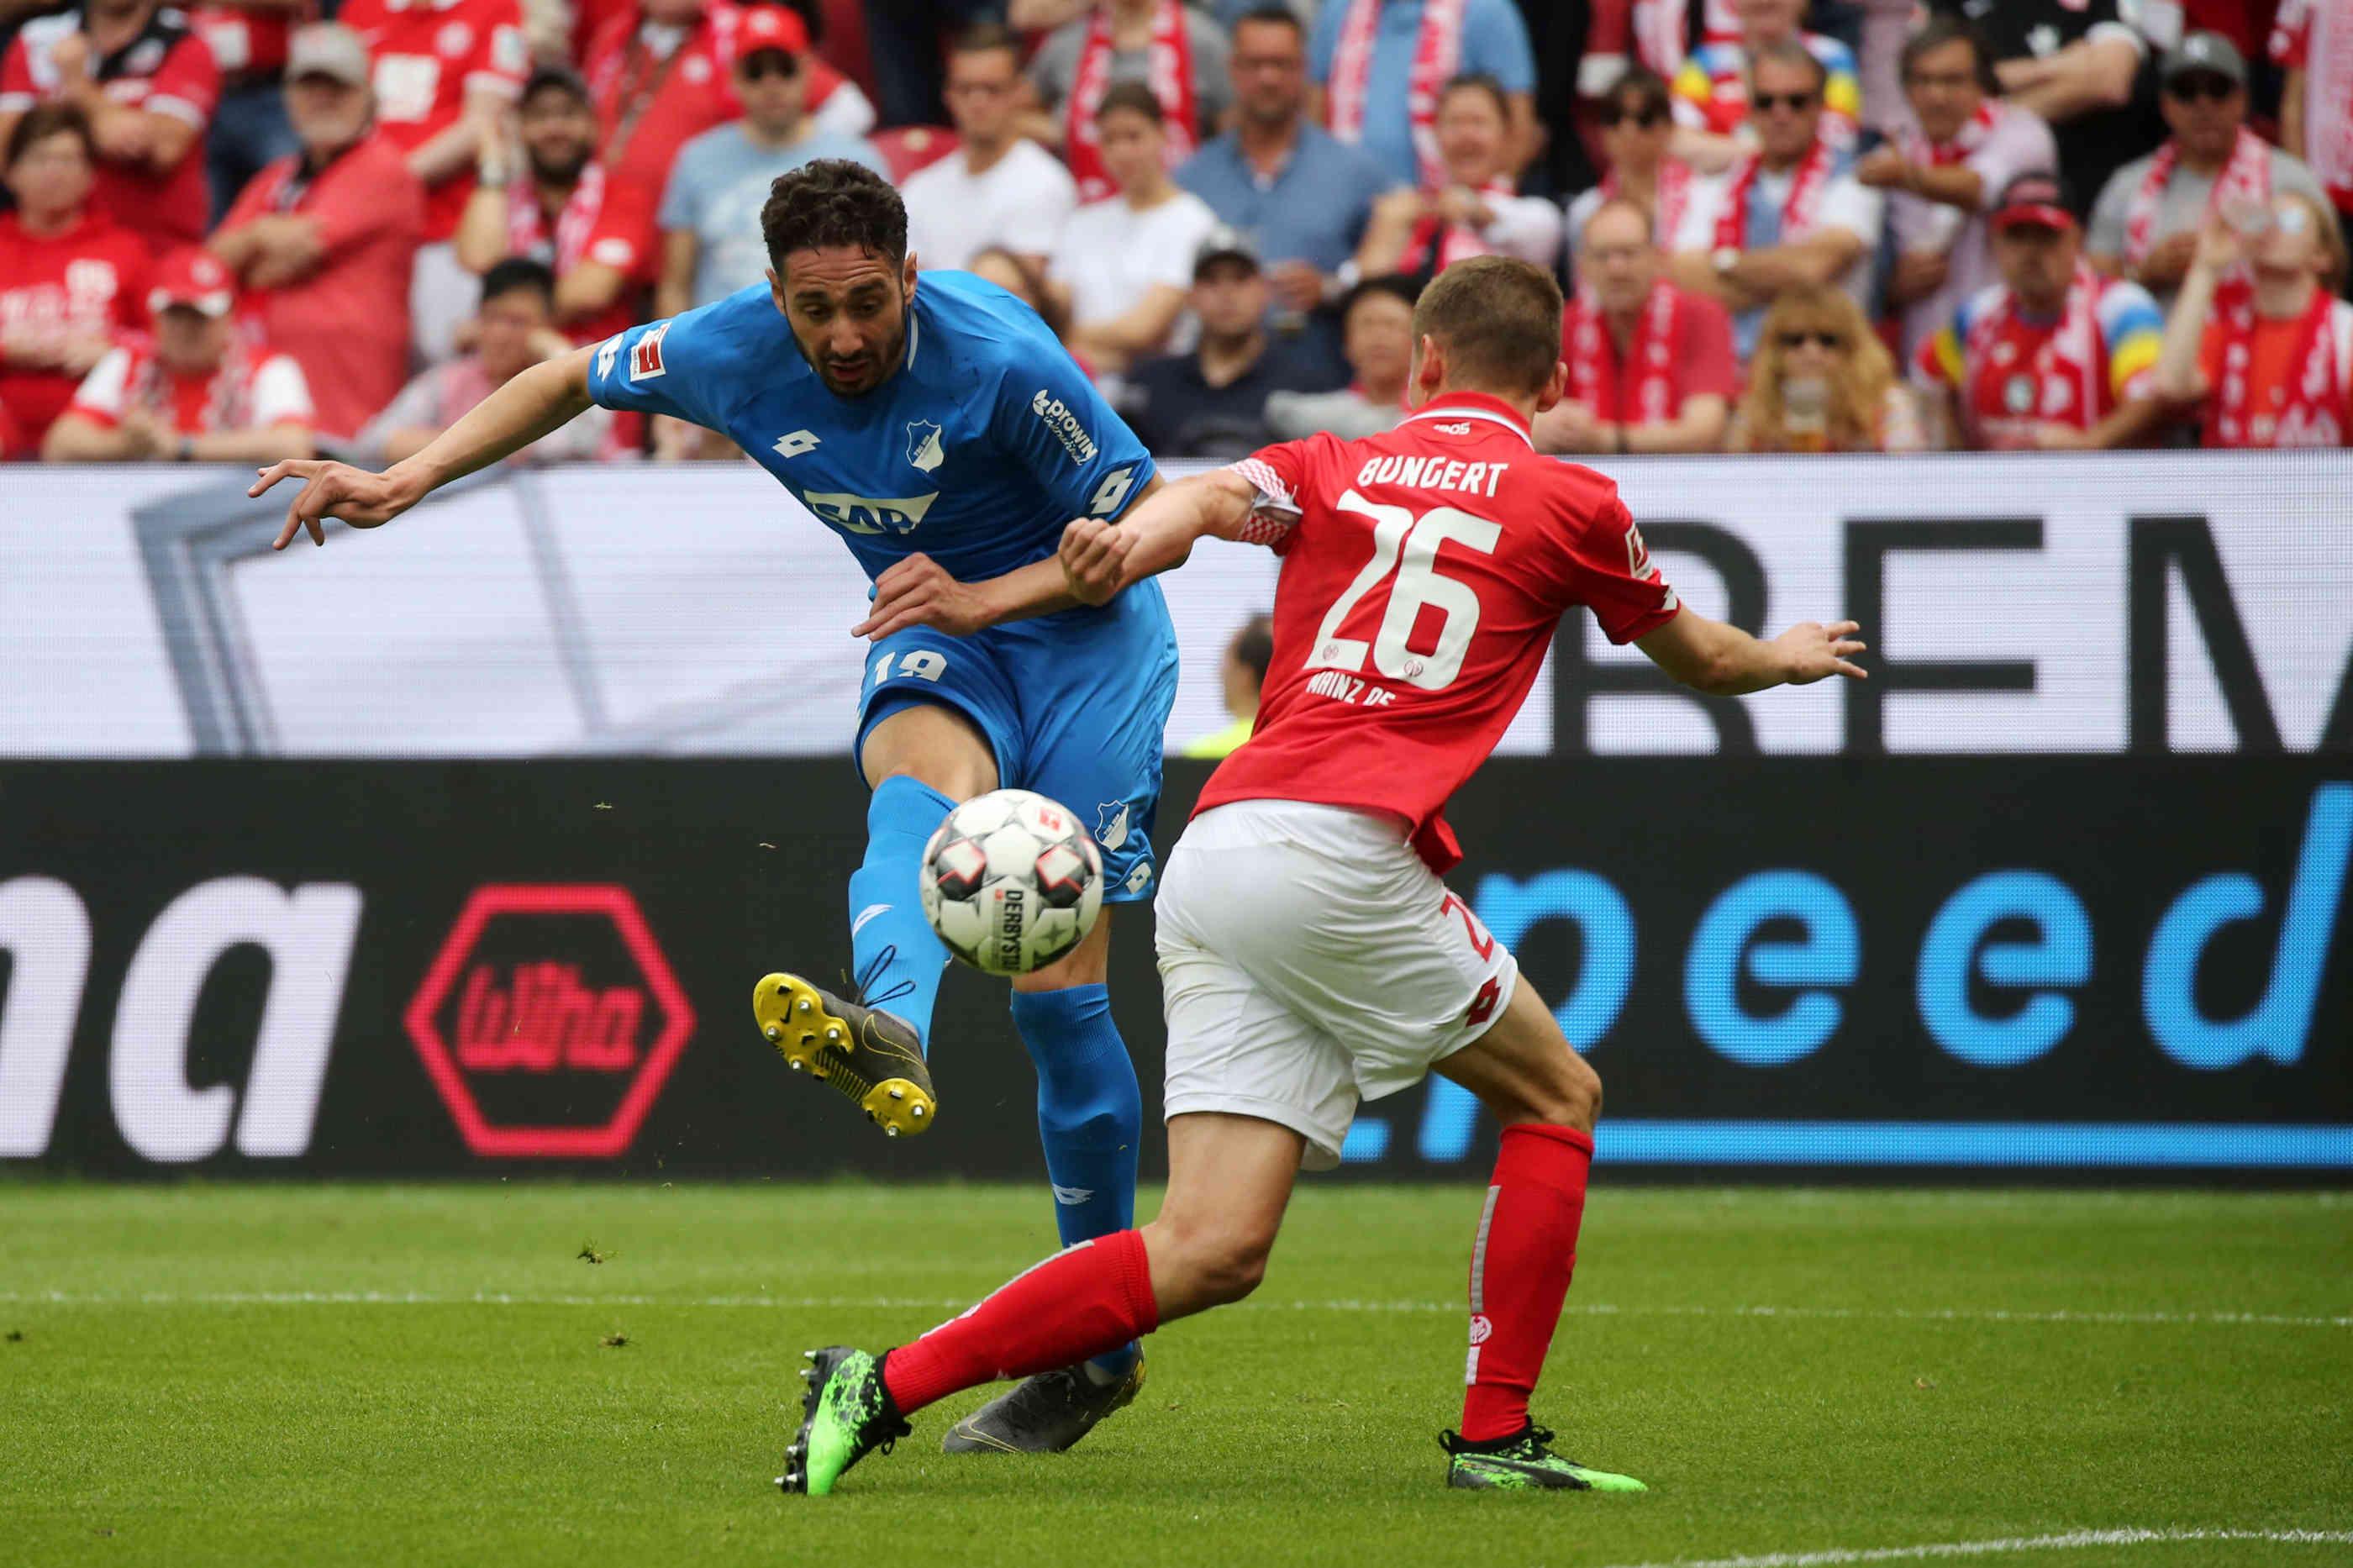 FSV Mainz 05 vs 1899 Hoffenheim